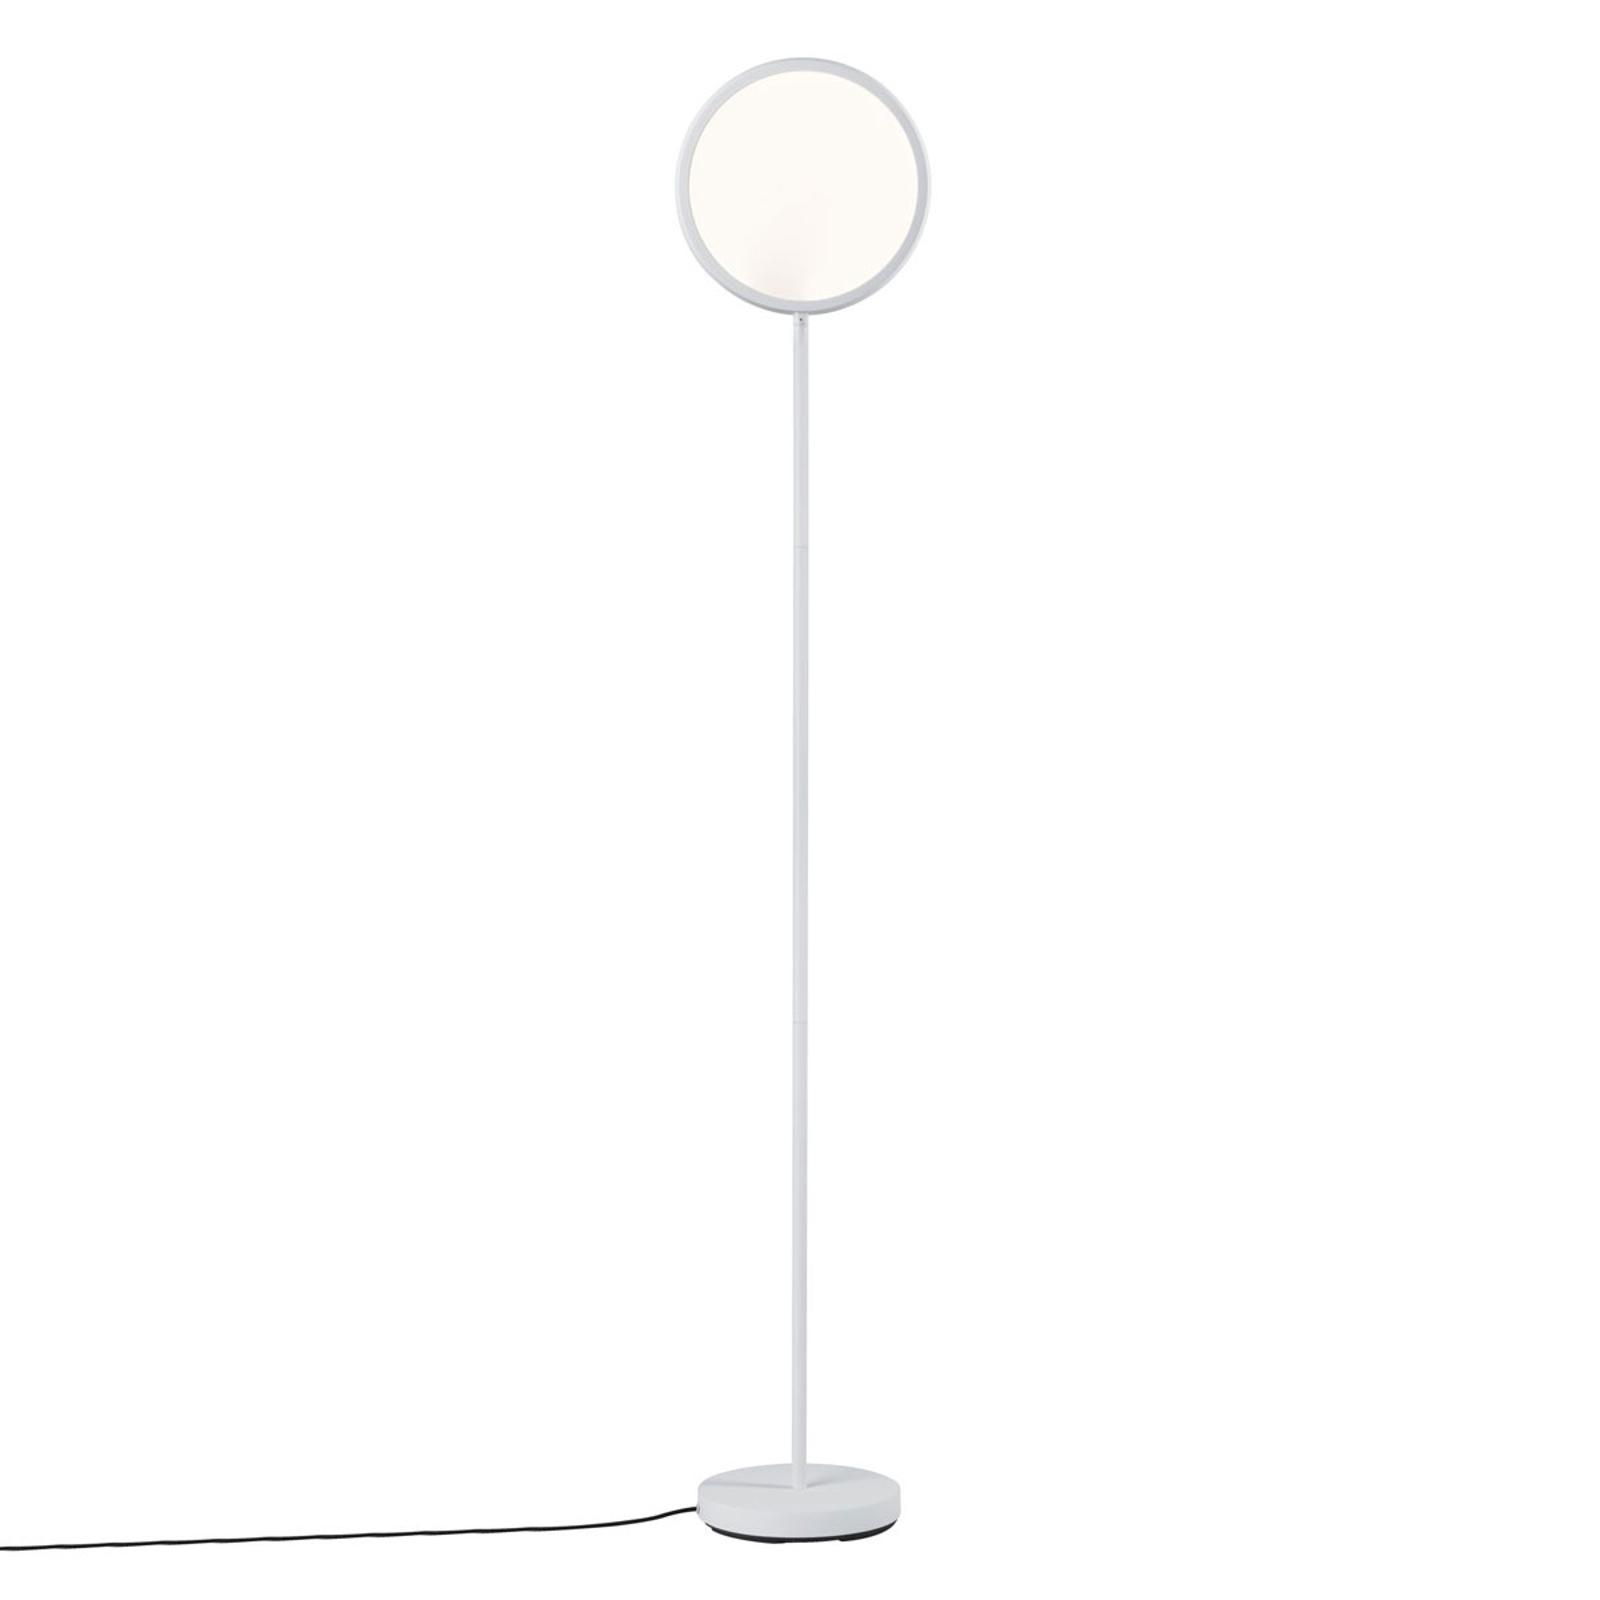 Paulmann Arik lampa stojąca LED